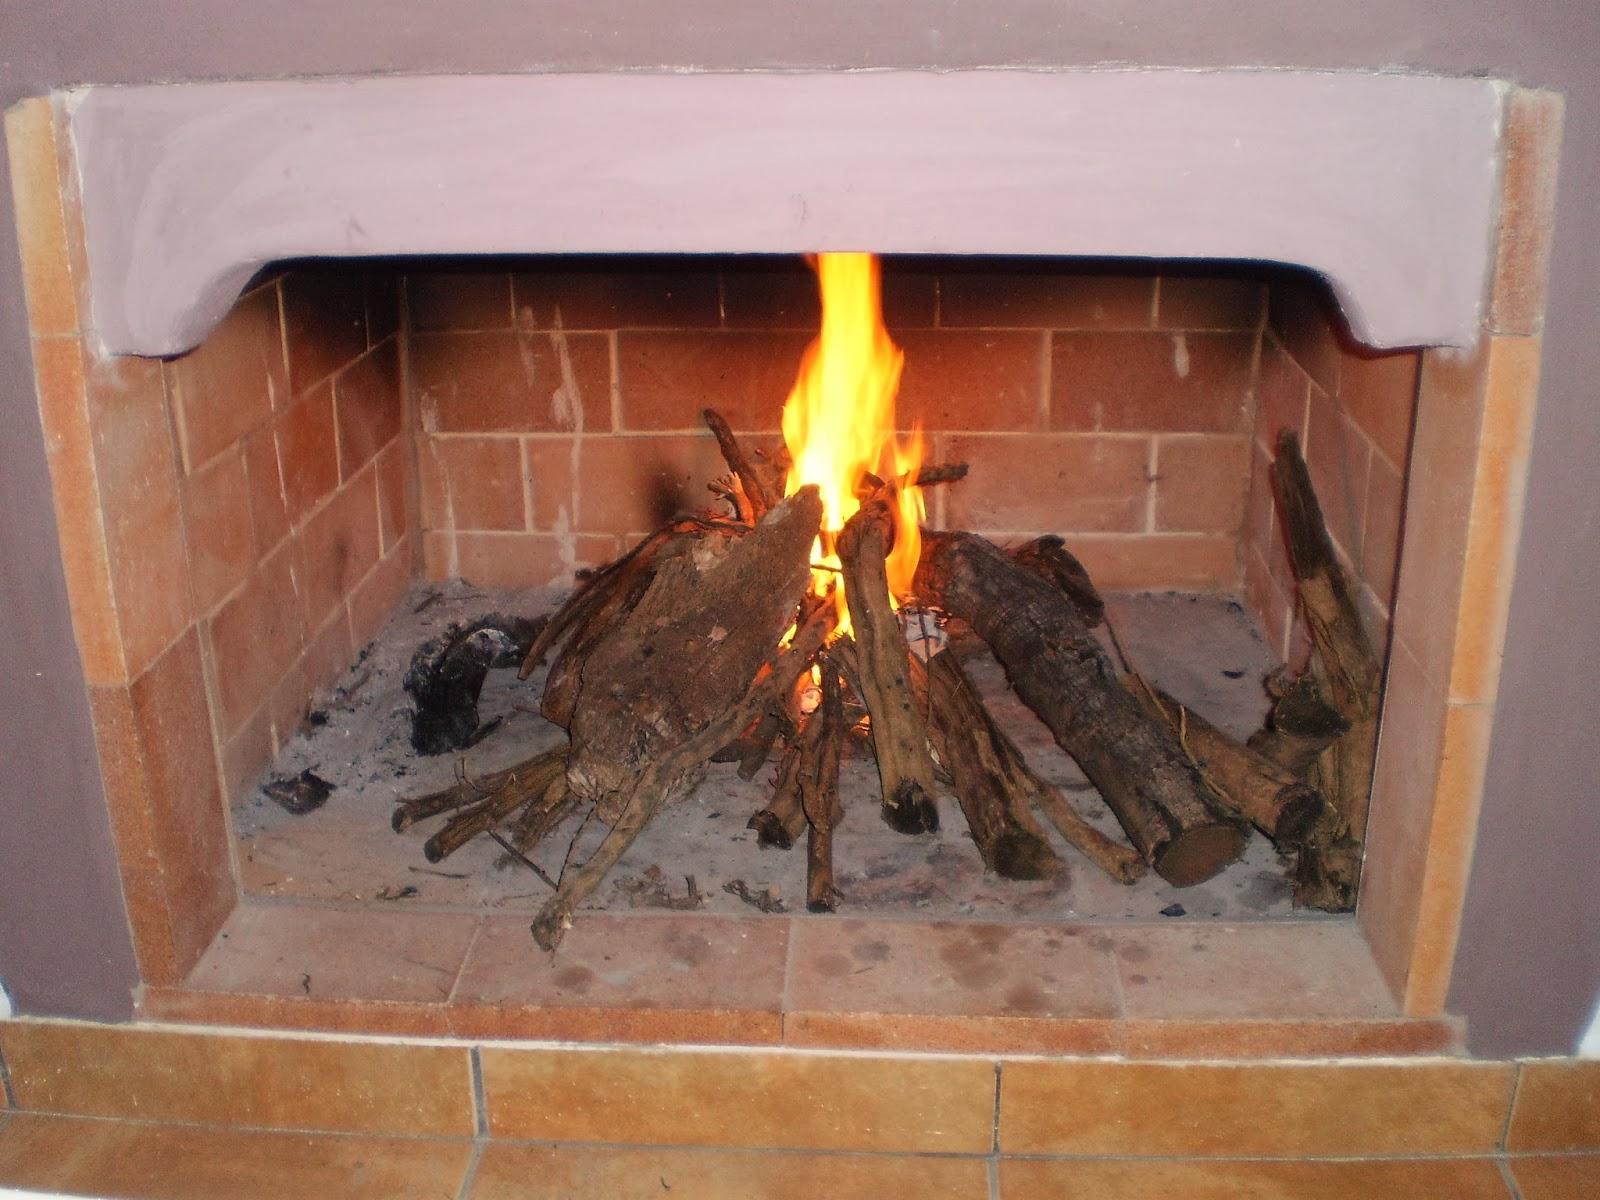 El blog de la elena un blog dulce divertido y entretenido como construir chimenea de ladrillos - Chimenea rustica de ladrillo ...